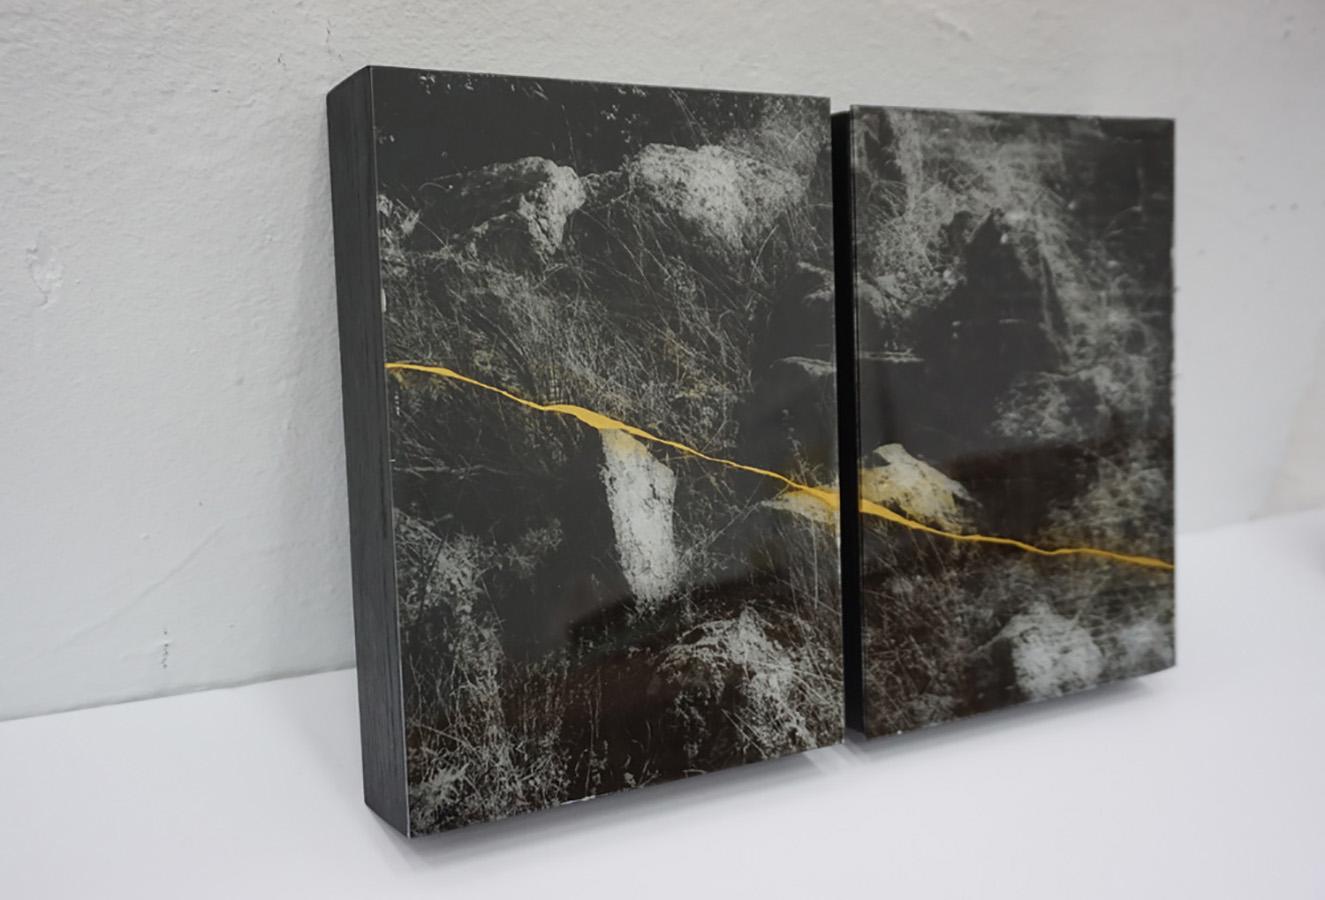 Anaïs Boudot, sans titre (diptyque pierres), série La noche oscura, 2017, courtesy Galerie Binome tirage unique dans une édition de 3 (+2EA) – 30×21 cm tirage argentique sur plaque de verre, peinture dorée, châssis bois projet de résidence Casa de Velazquez 2017